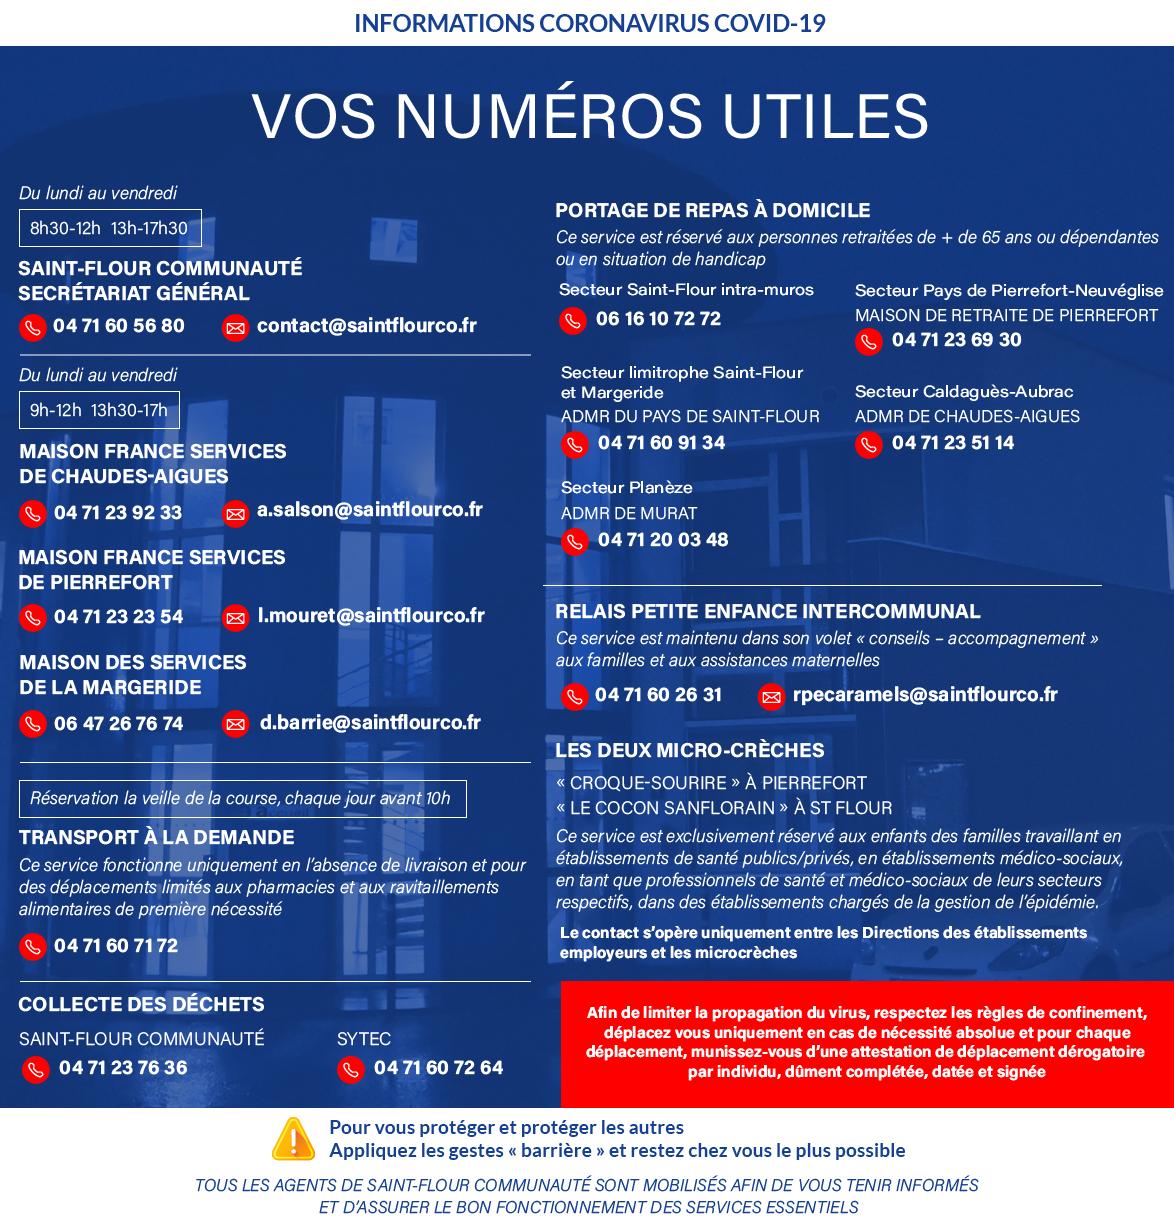 corona virus numéros utiles services saint-flour communauté